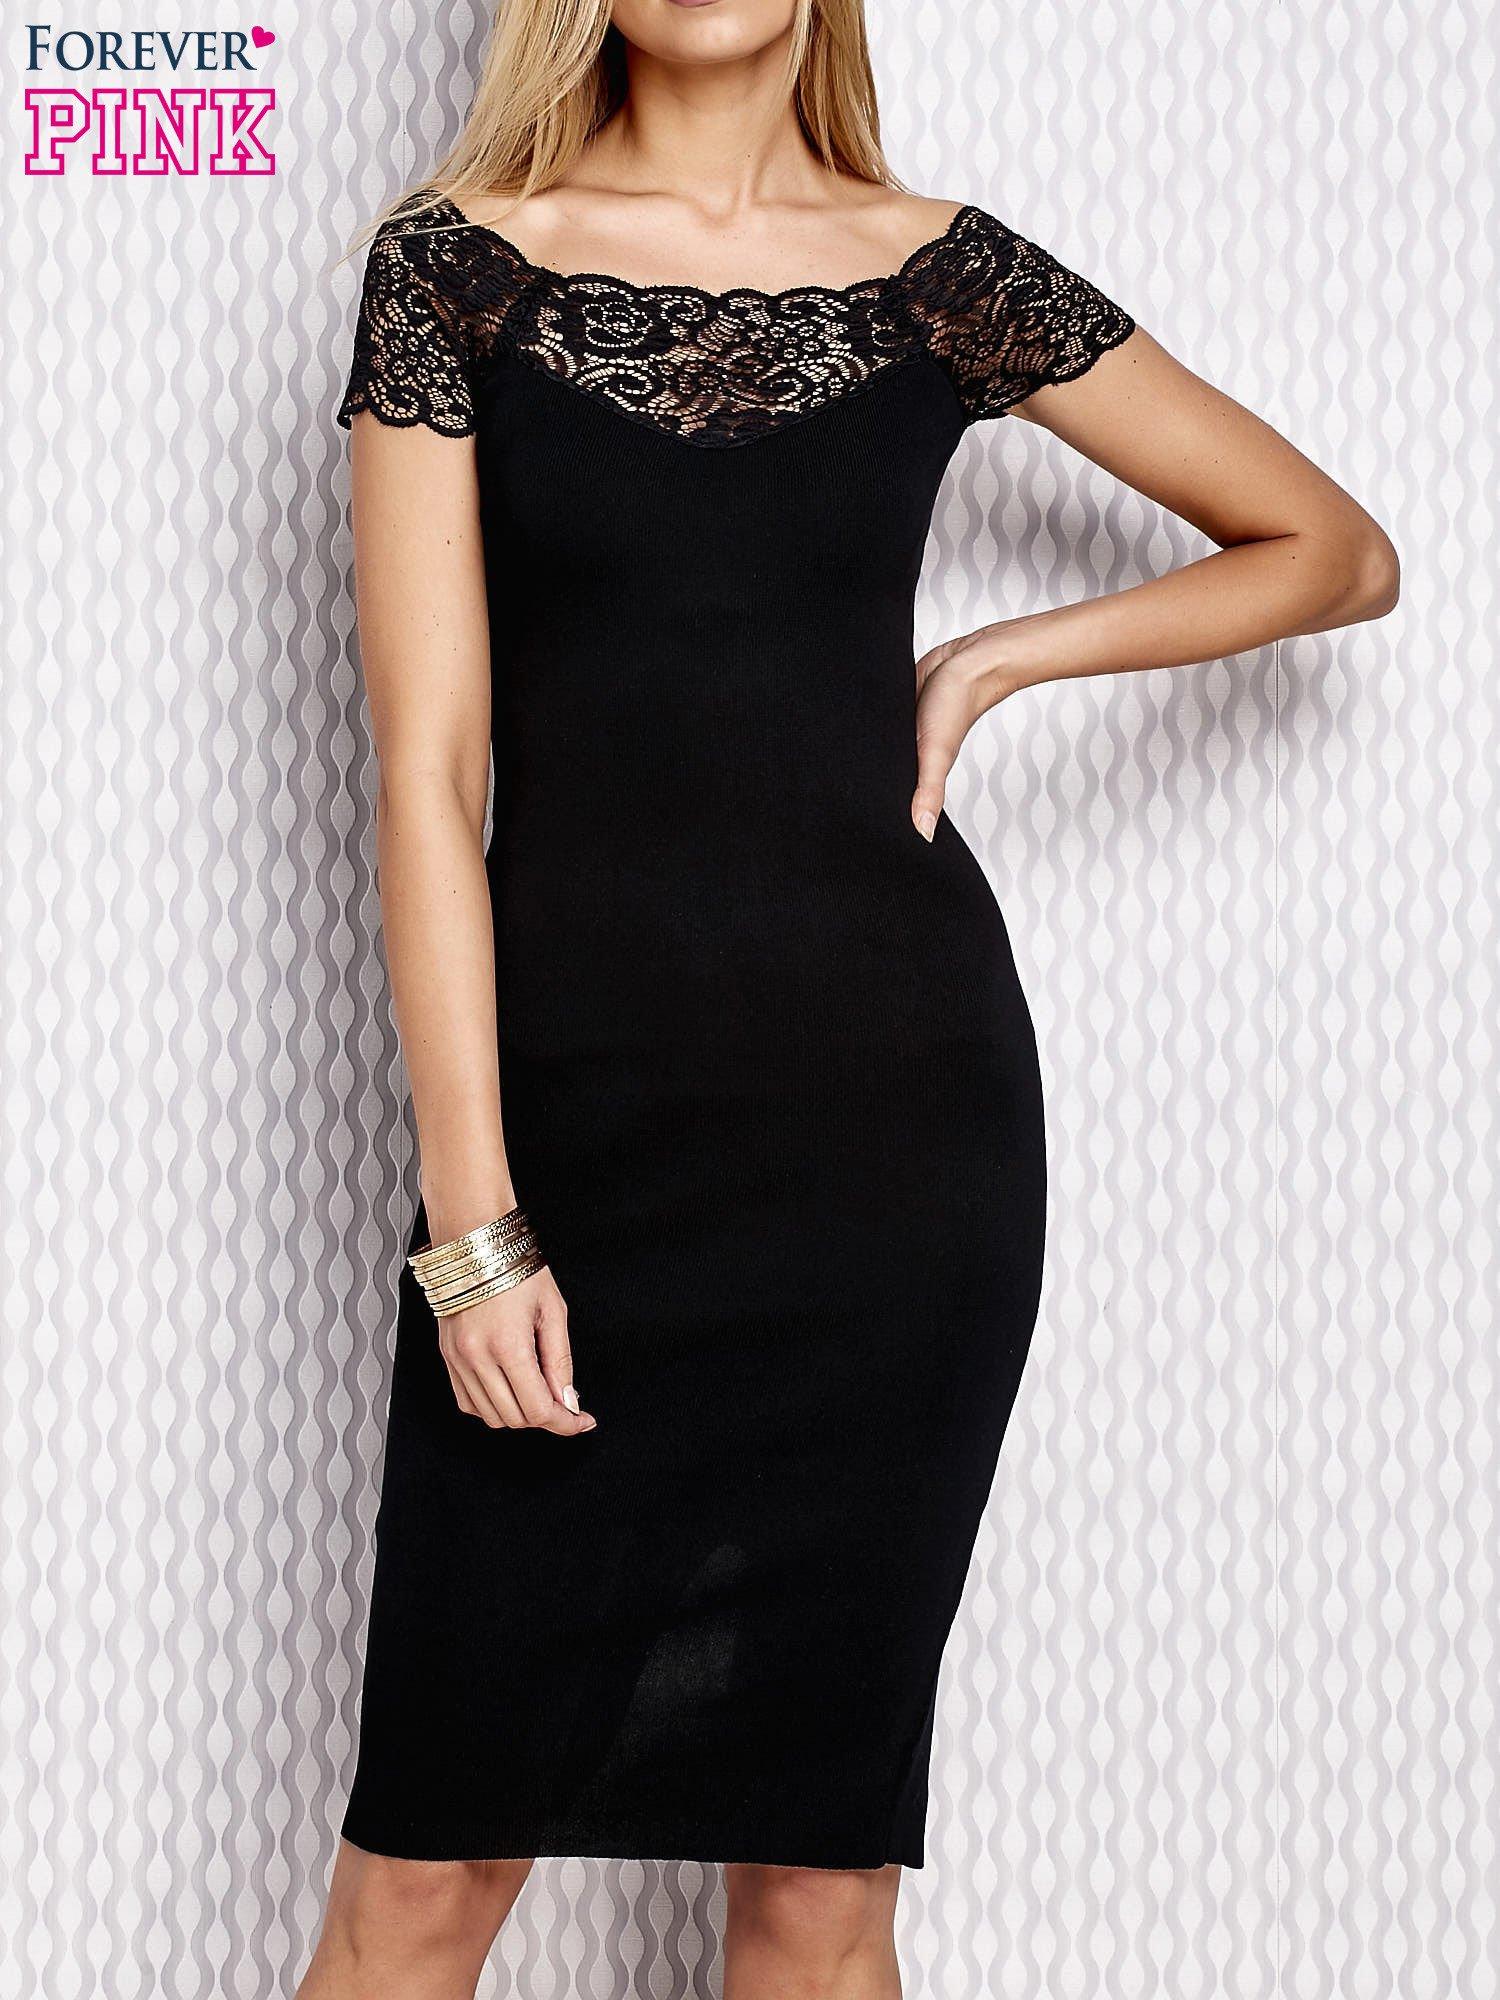 6913da6d61 Dopasowana sukienka z koronkową wstawką czarna - Sukienka wieczorowa ...